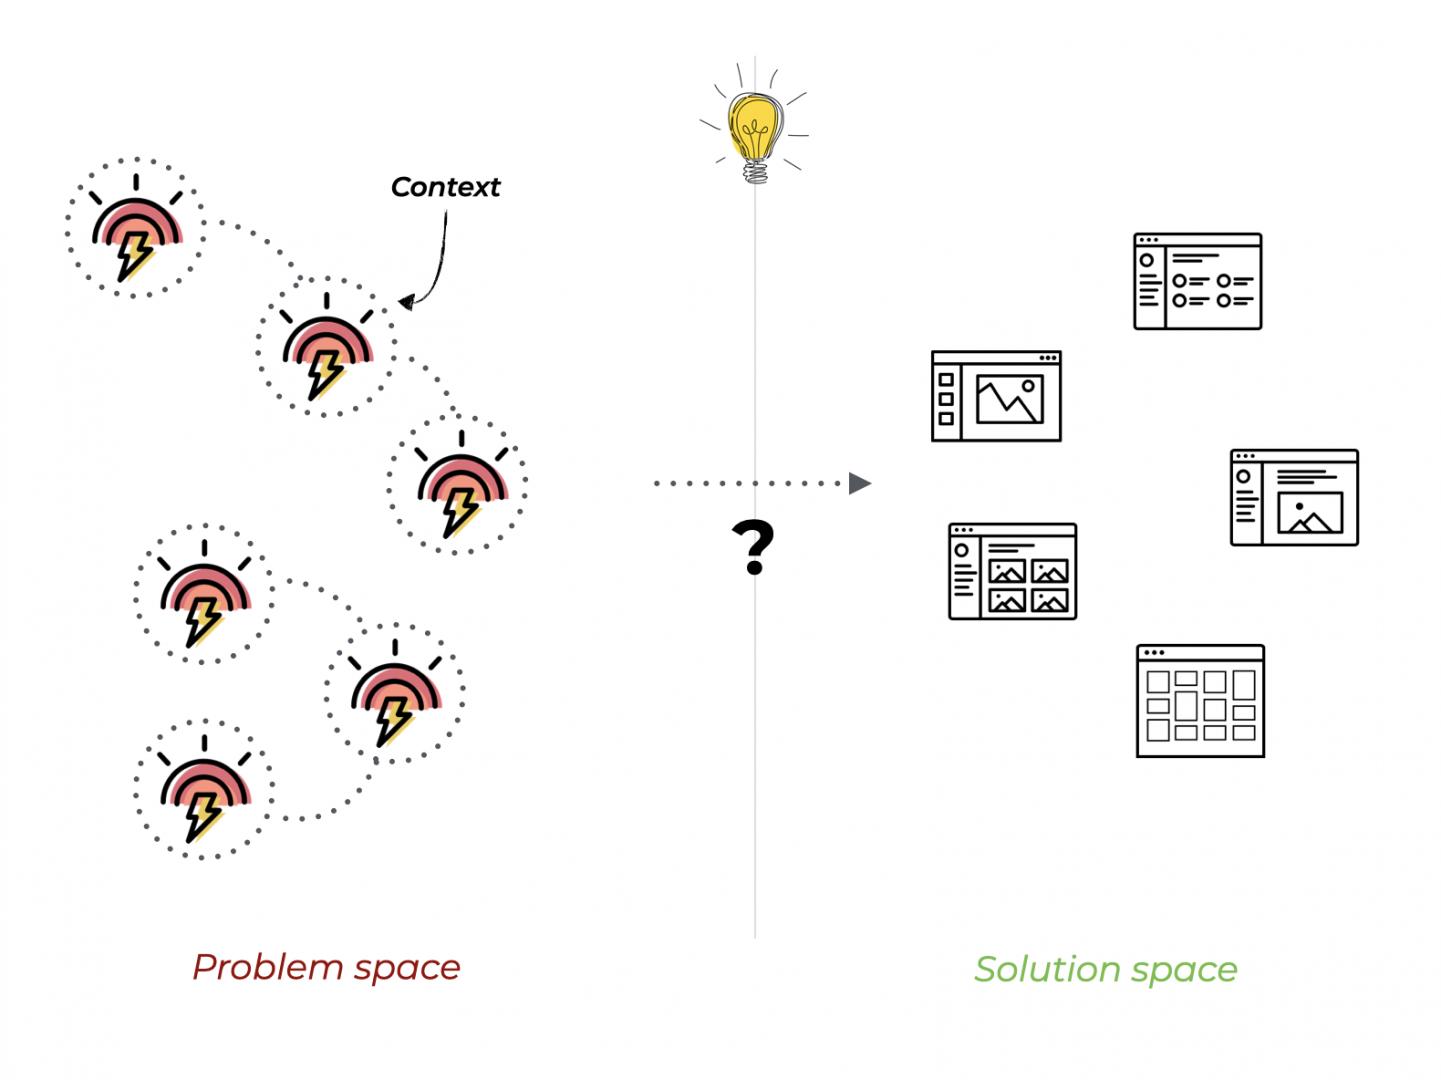 2-problem-solution-spaces